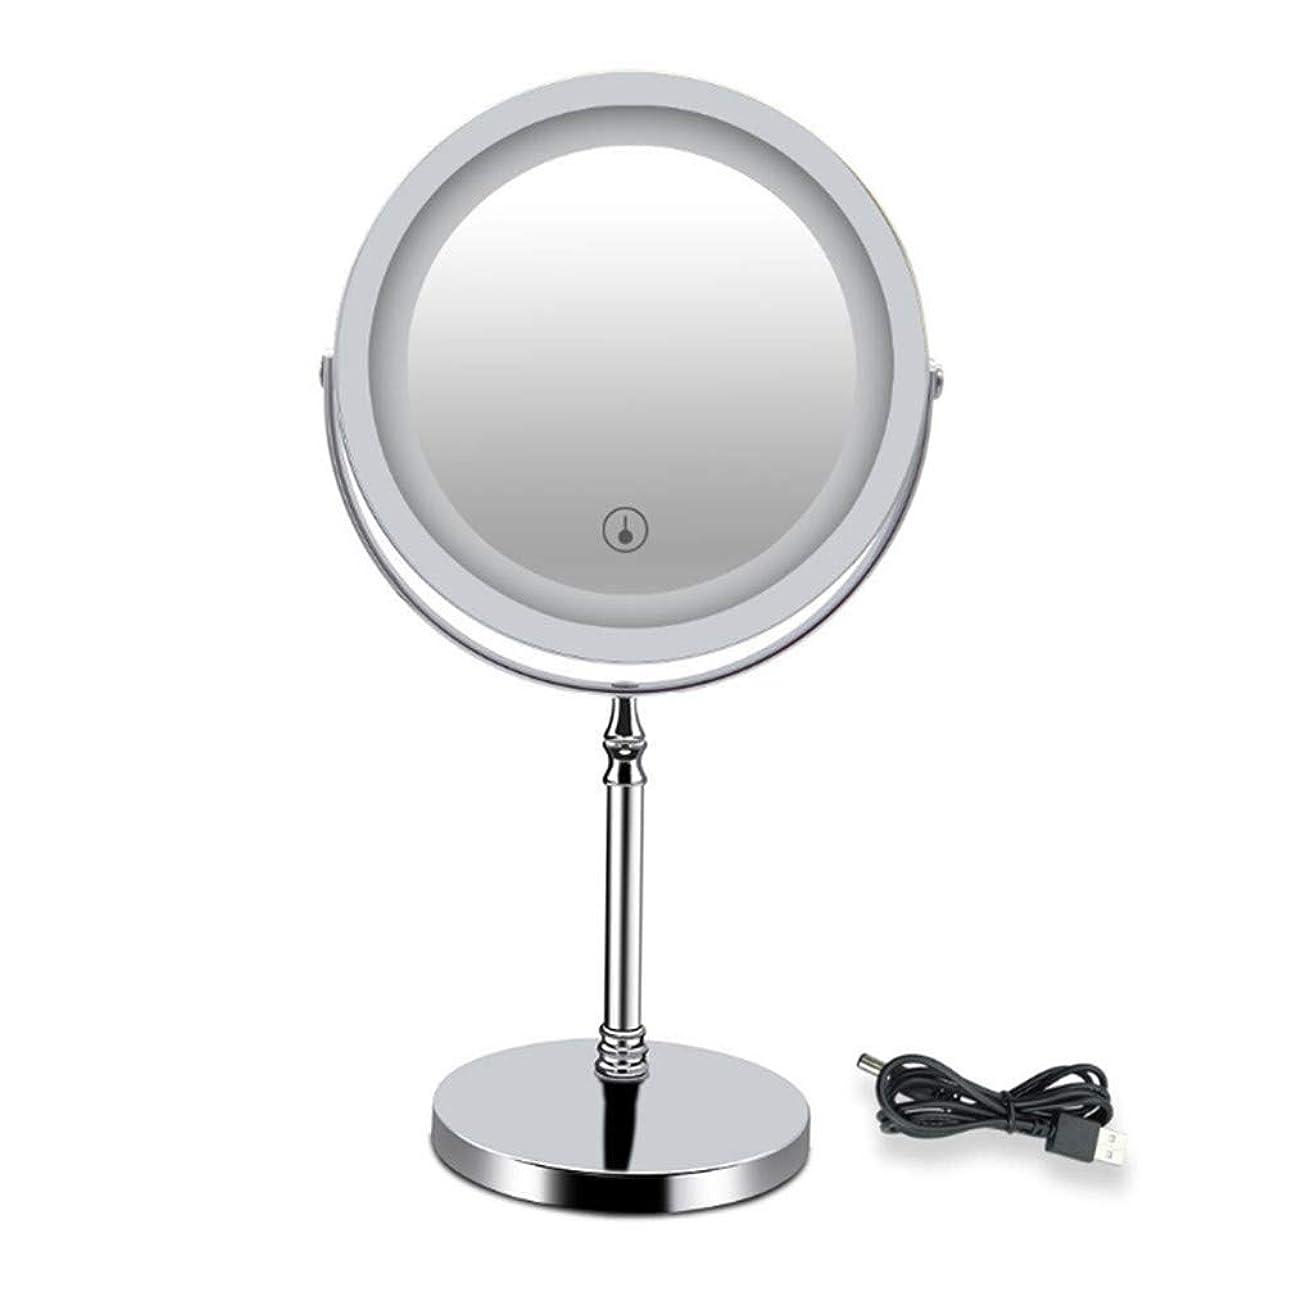 卓上鏡 化粧鏡 スタンドミラー メイク 10倍拡大鏡 LEDライト付き 北欧風 真実の両面鏡 360度回転 化粧道具 化粧ミラー 電池&USB 3 WAY給電